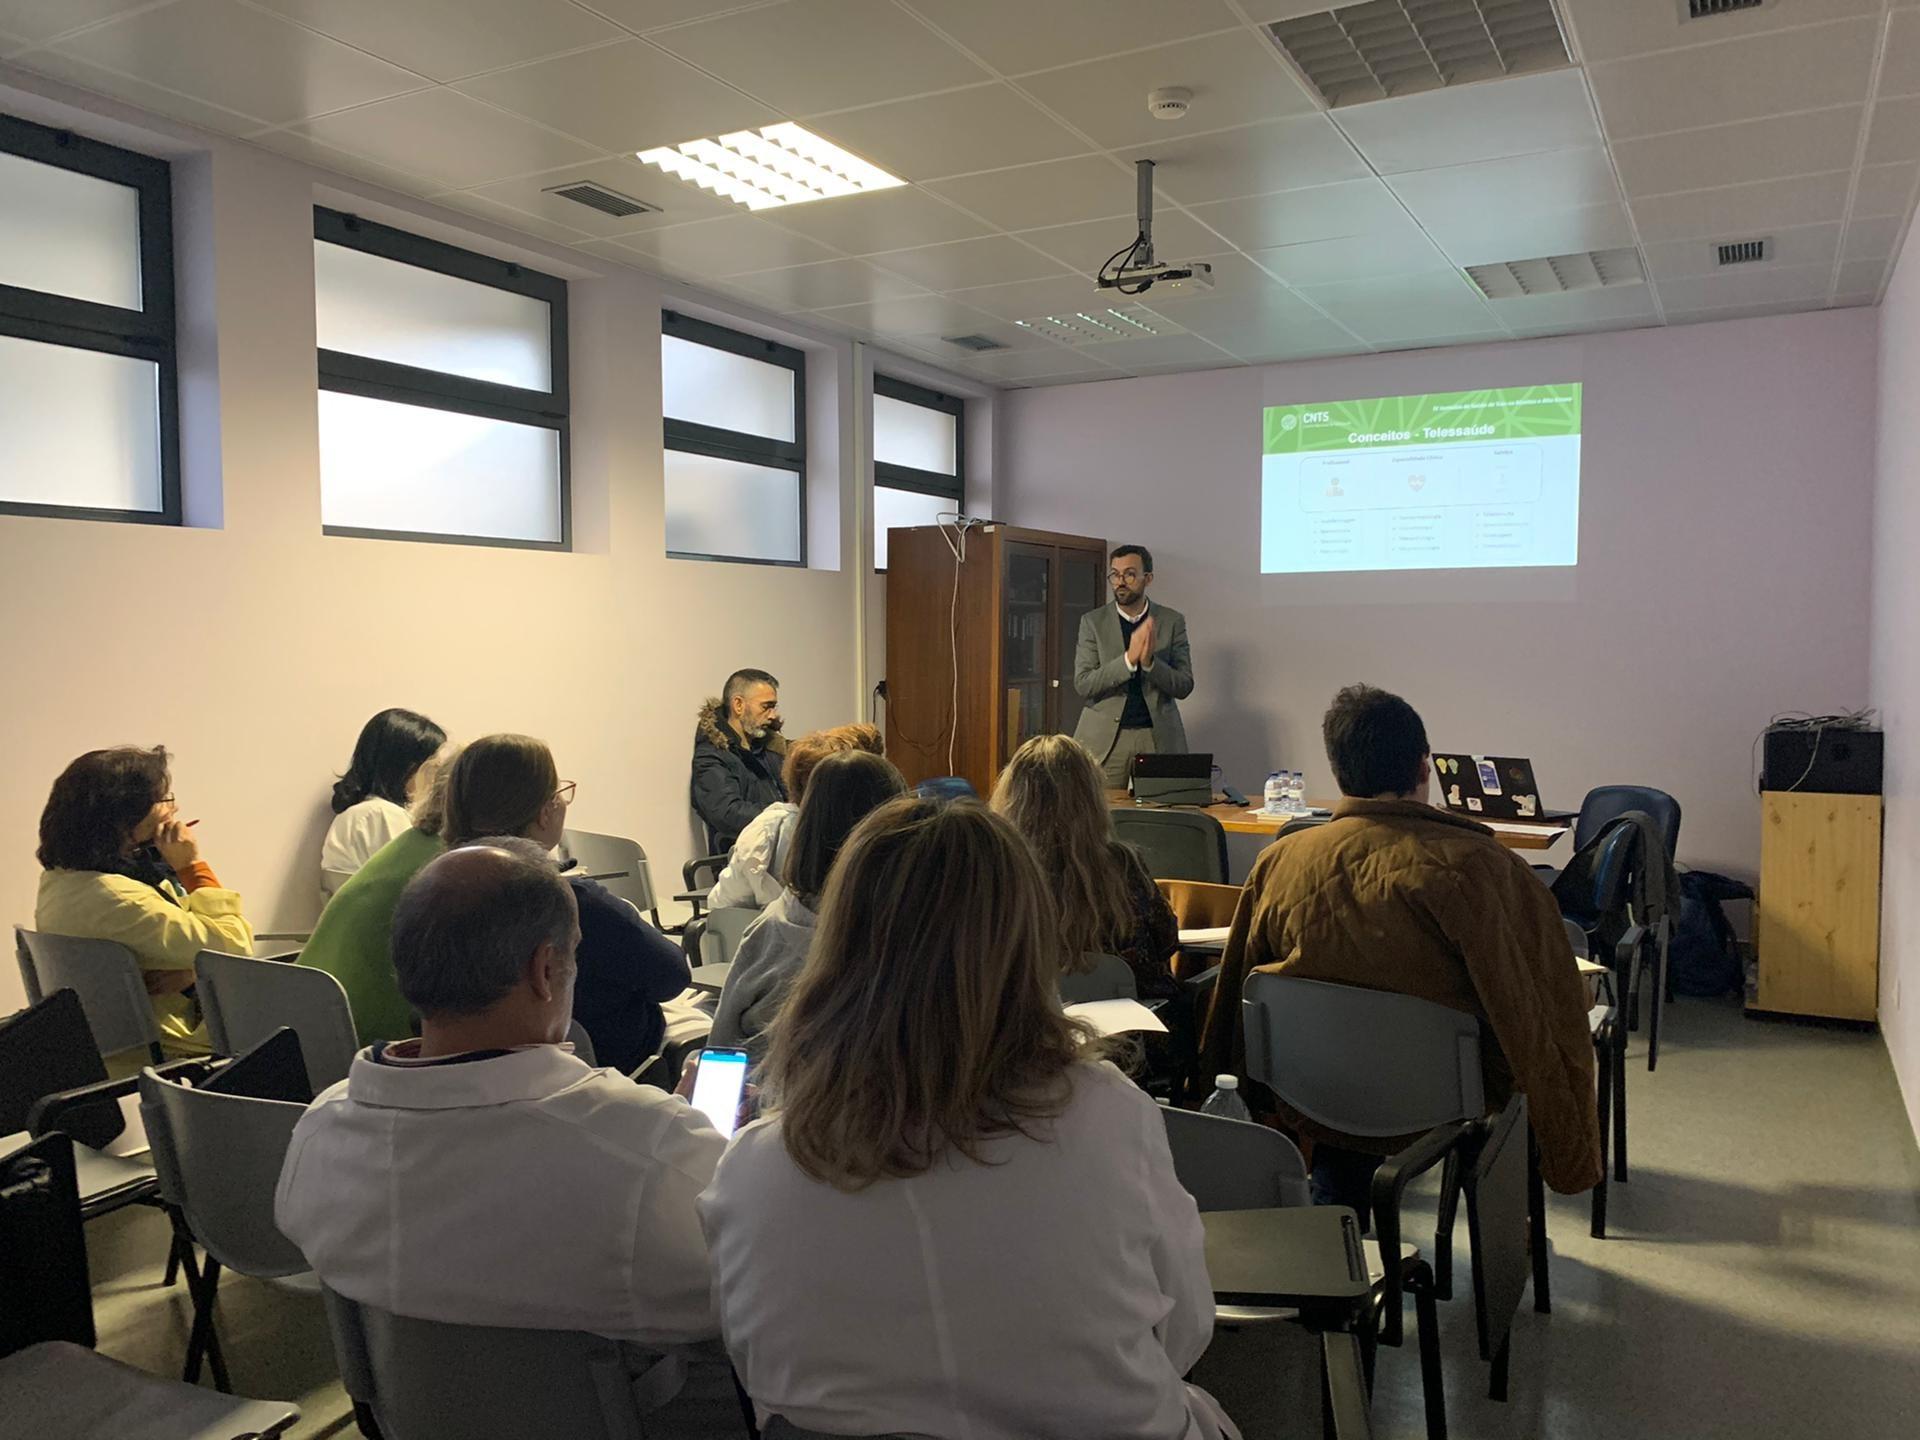 sessão de formação no Hospital de Ovar